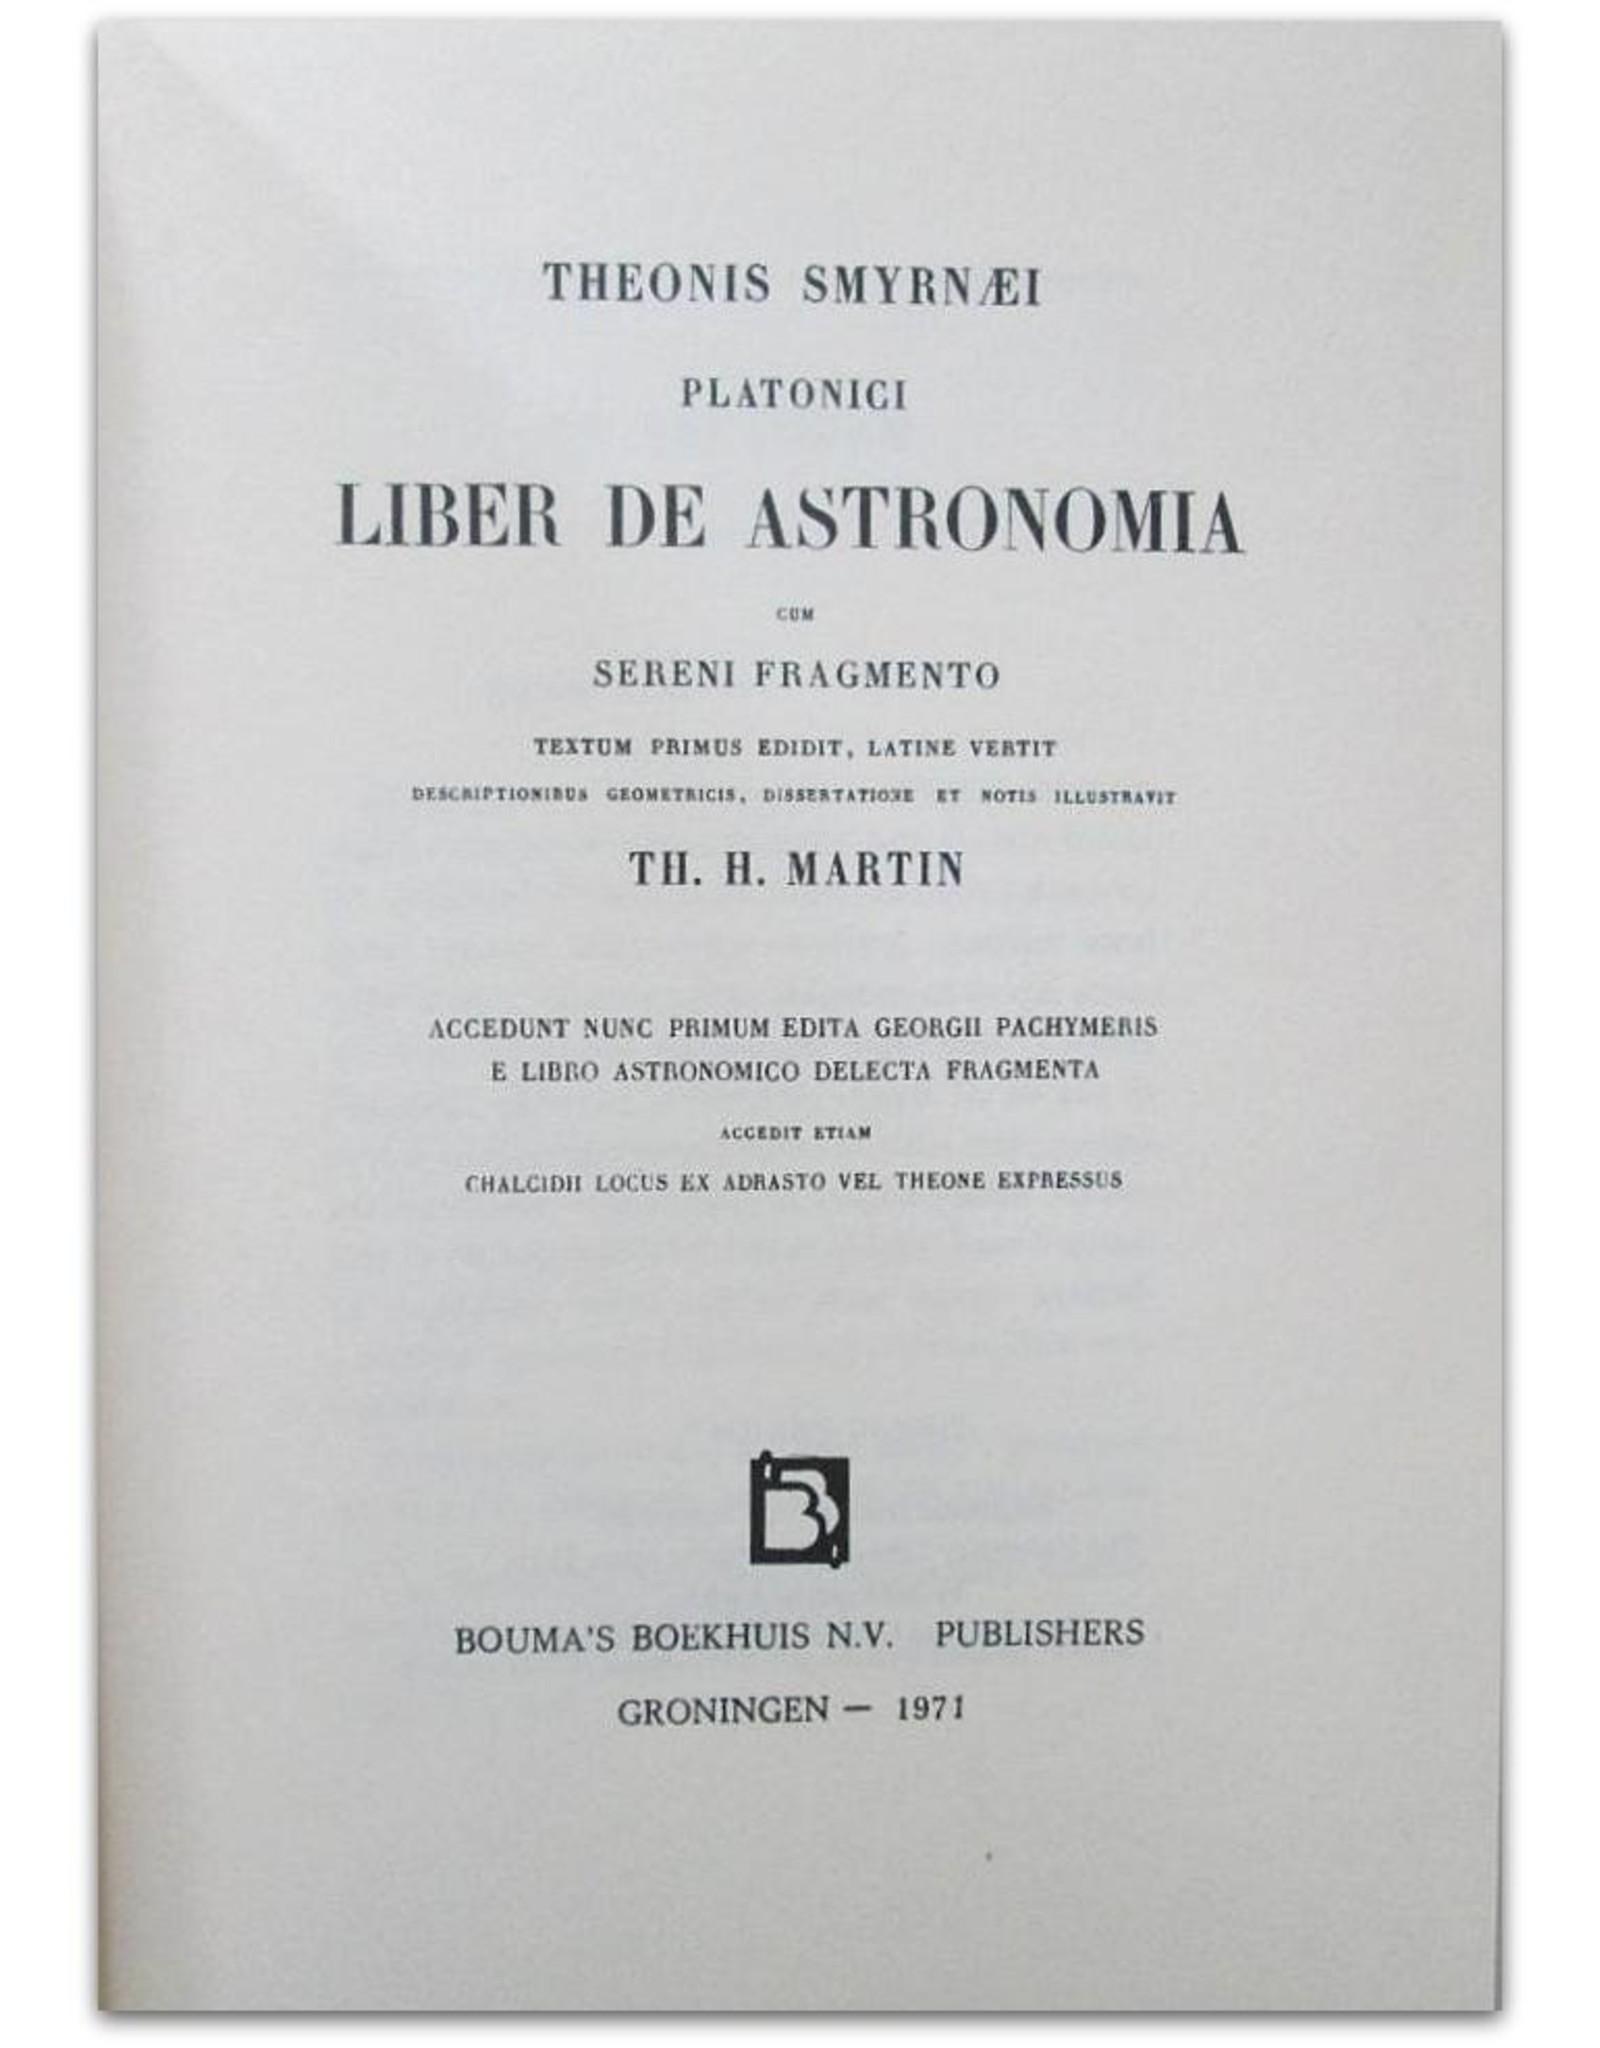 Th. H. Martin - Theonis Smyrnaei Platonici Liber de Astronomia cum sereni fragmento